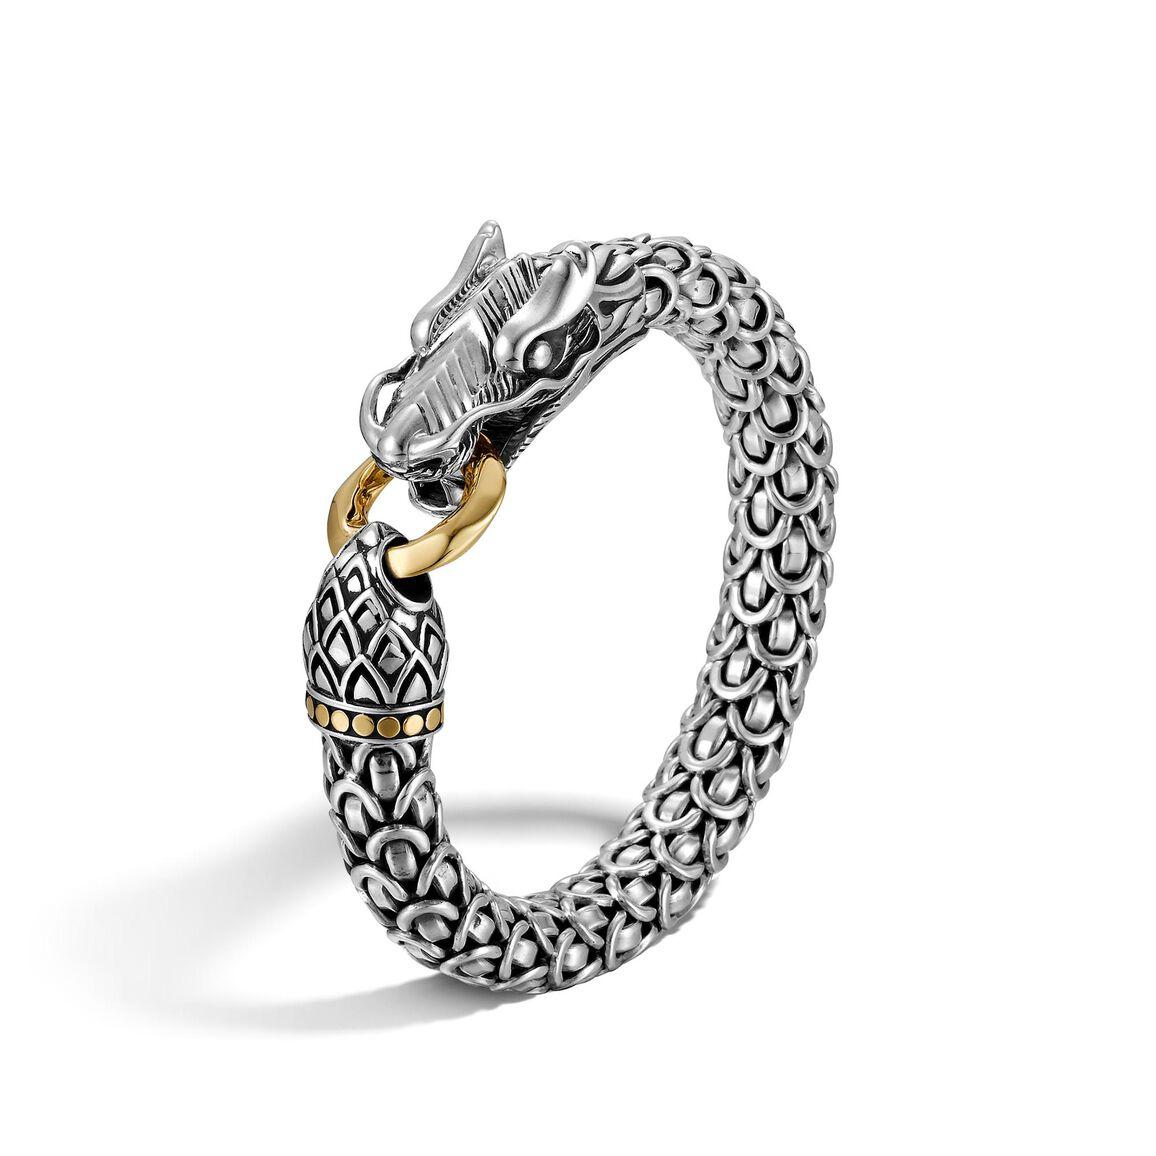 Legends Naga 10MM Station Bracelet in Silver and 18K Gold